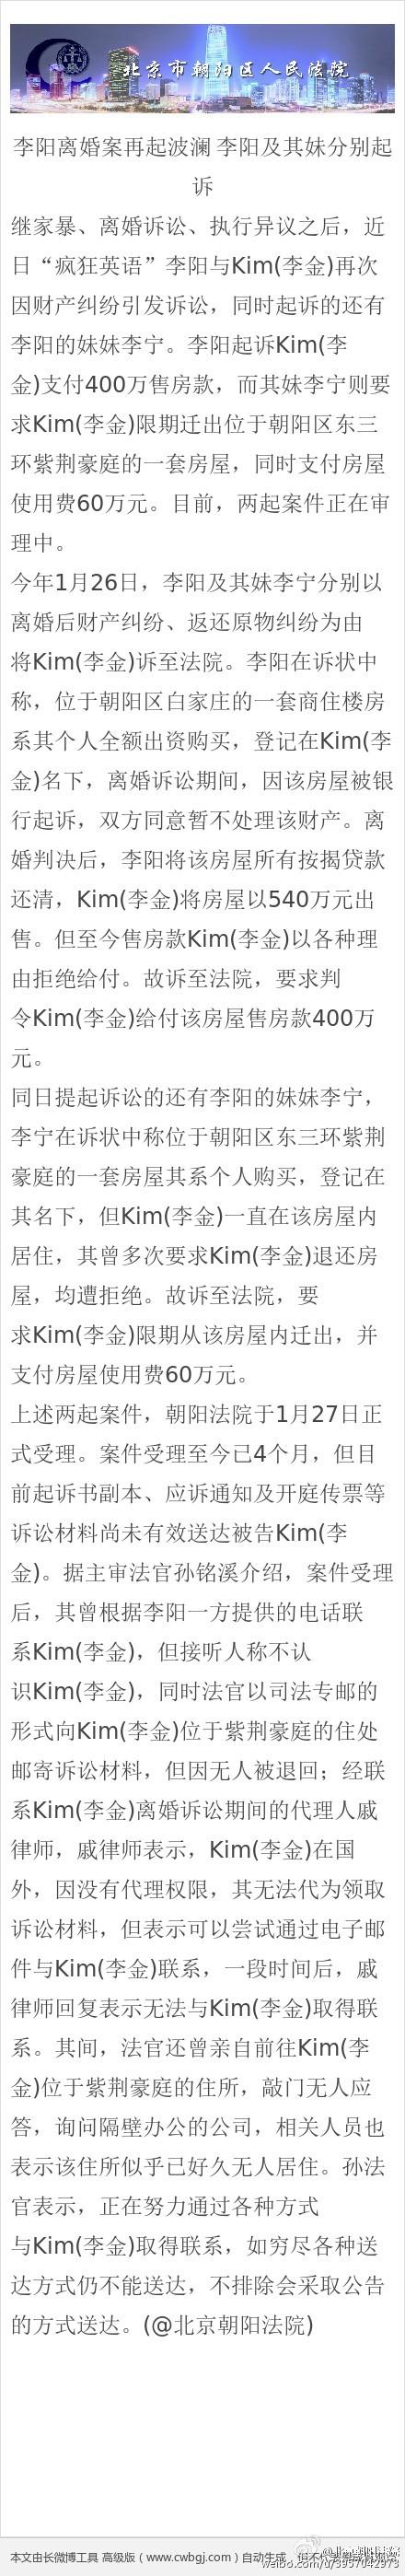 李阳离婚案再起波澜 李阳及妹妹分别起诉其前妻